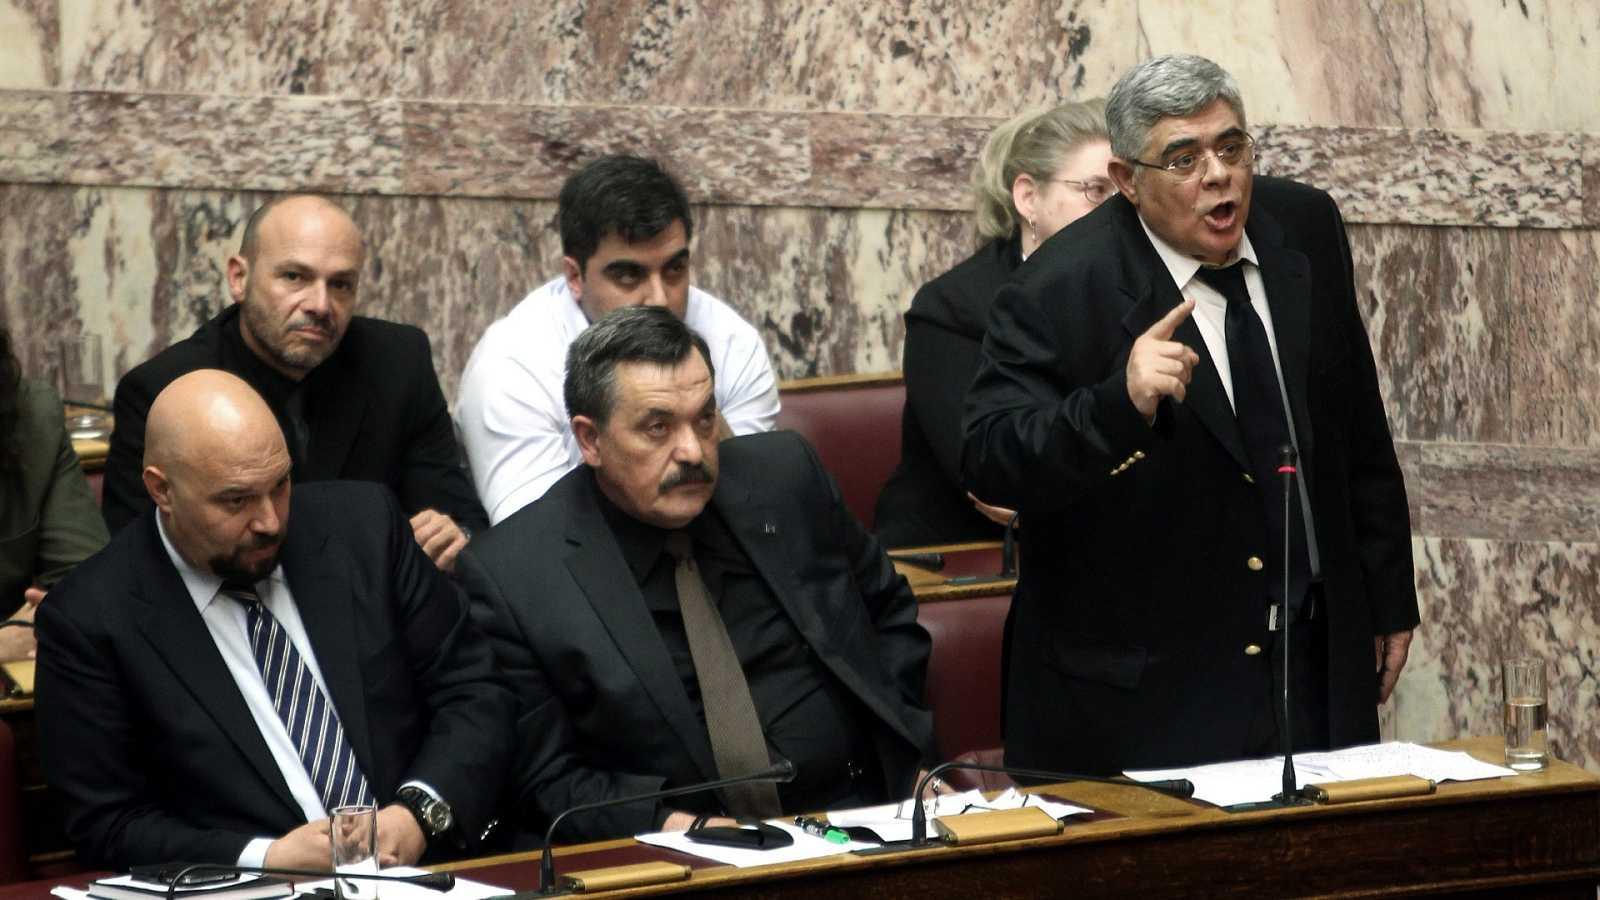 La justicia griega condena a 13 años de prisión a la cúpula de Amanecer Dorado por formar una banda criminal